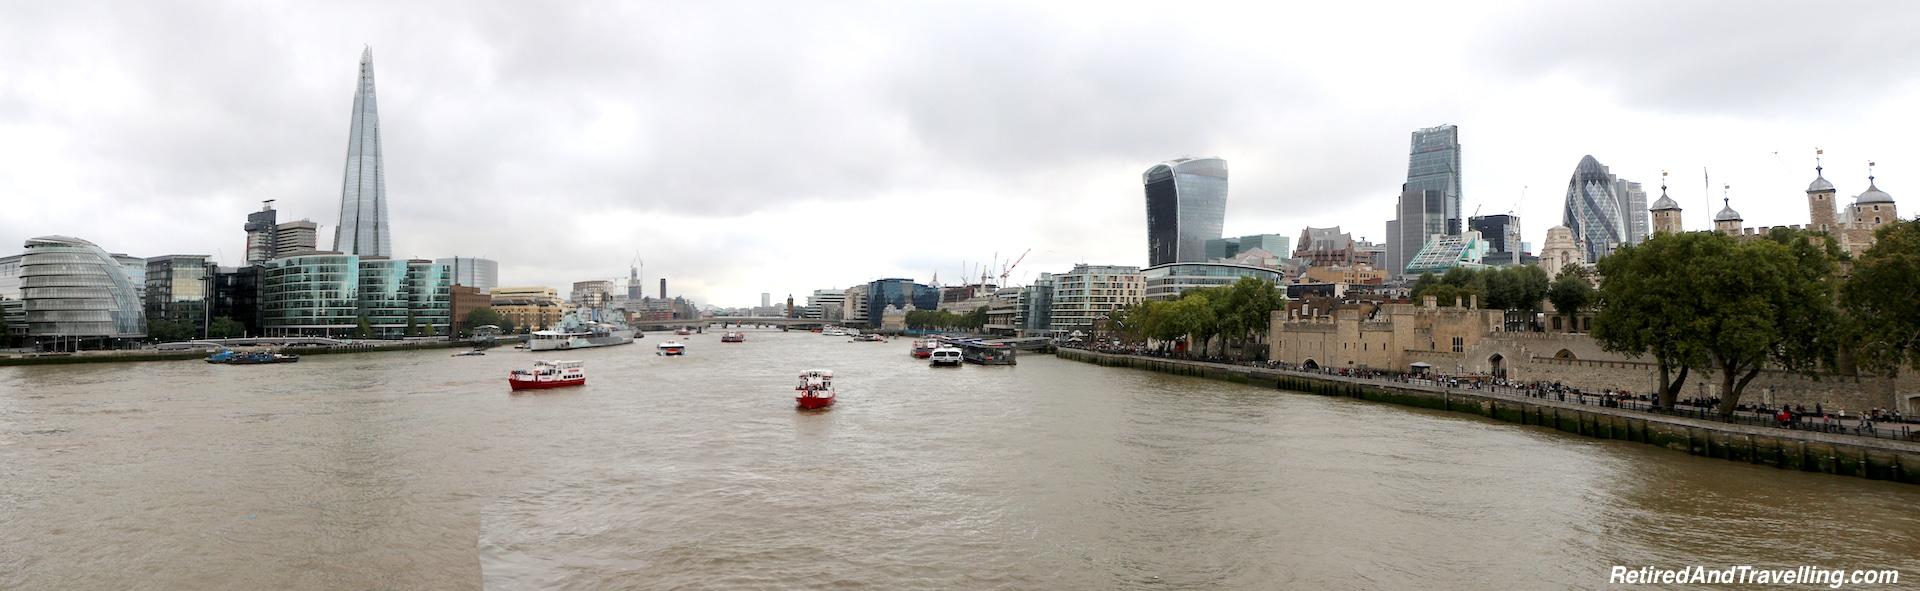 London Tower Bridge View - London Gateway.jpg